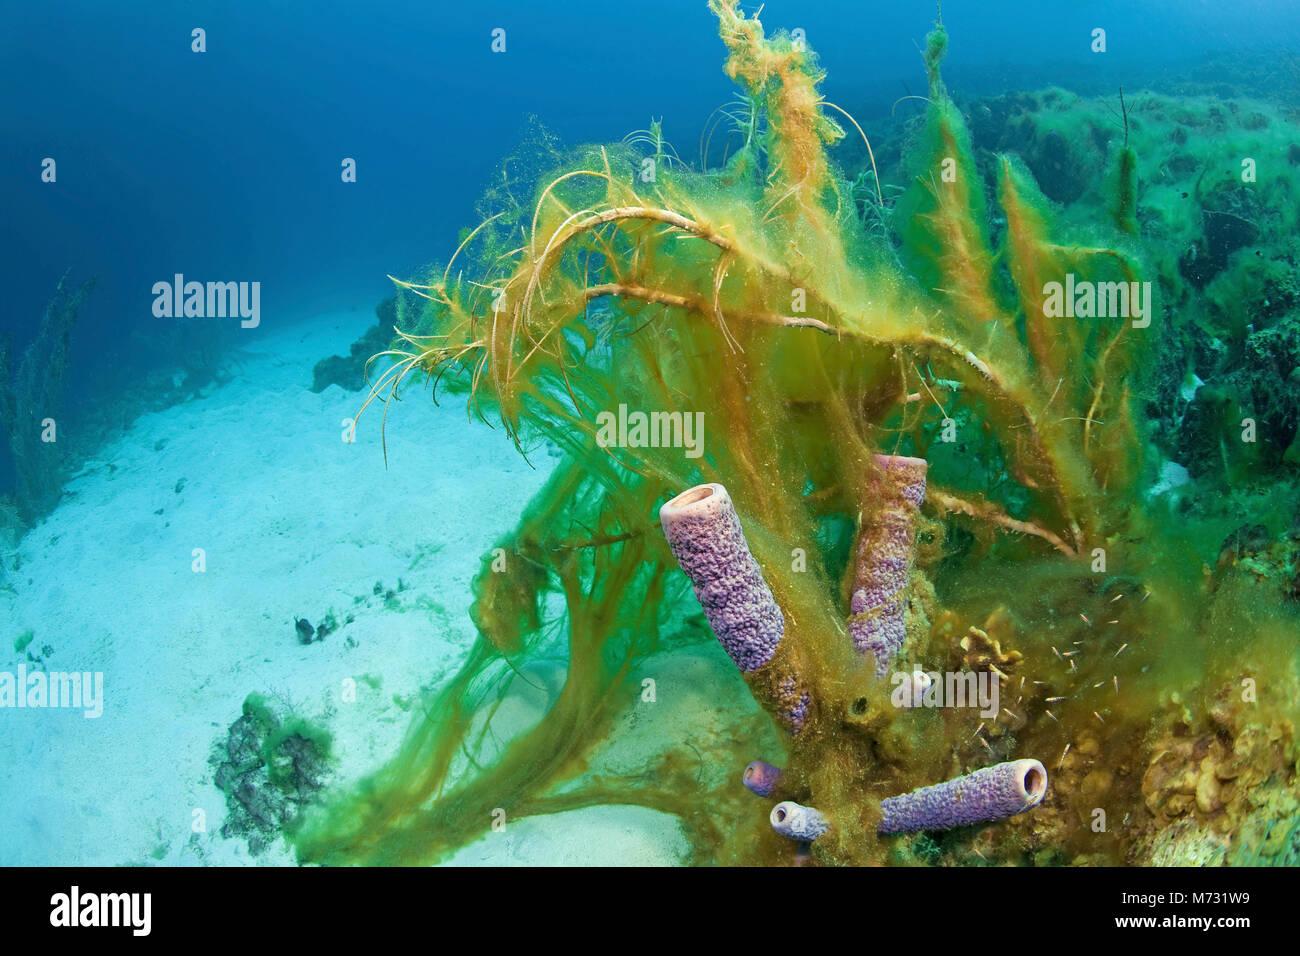 Un dépassement d'algues de corail mort, Curacao, Antilles, Caraïbes, mer des Caraïbes Banque D'Images